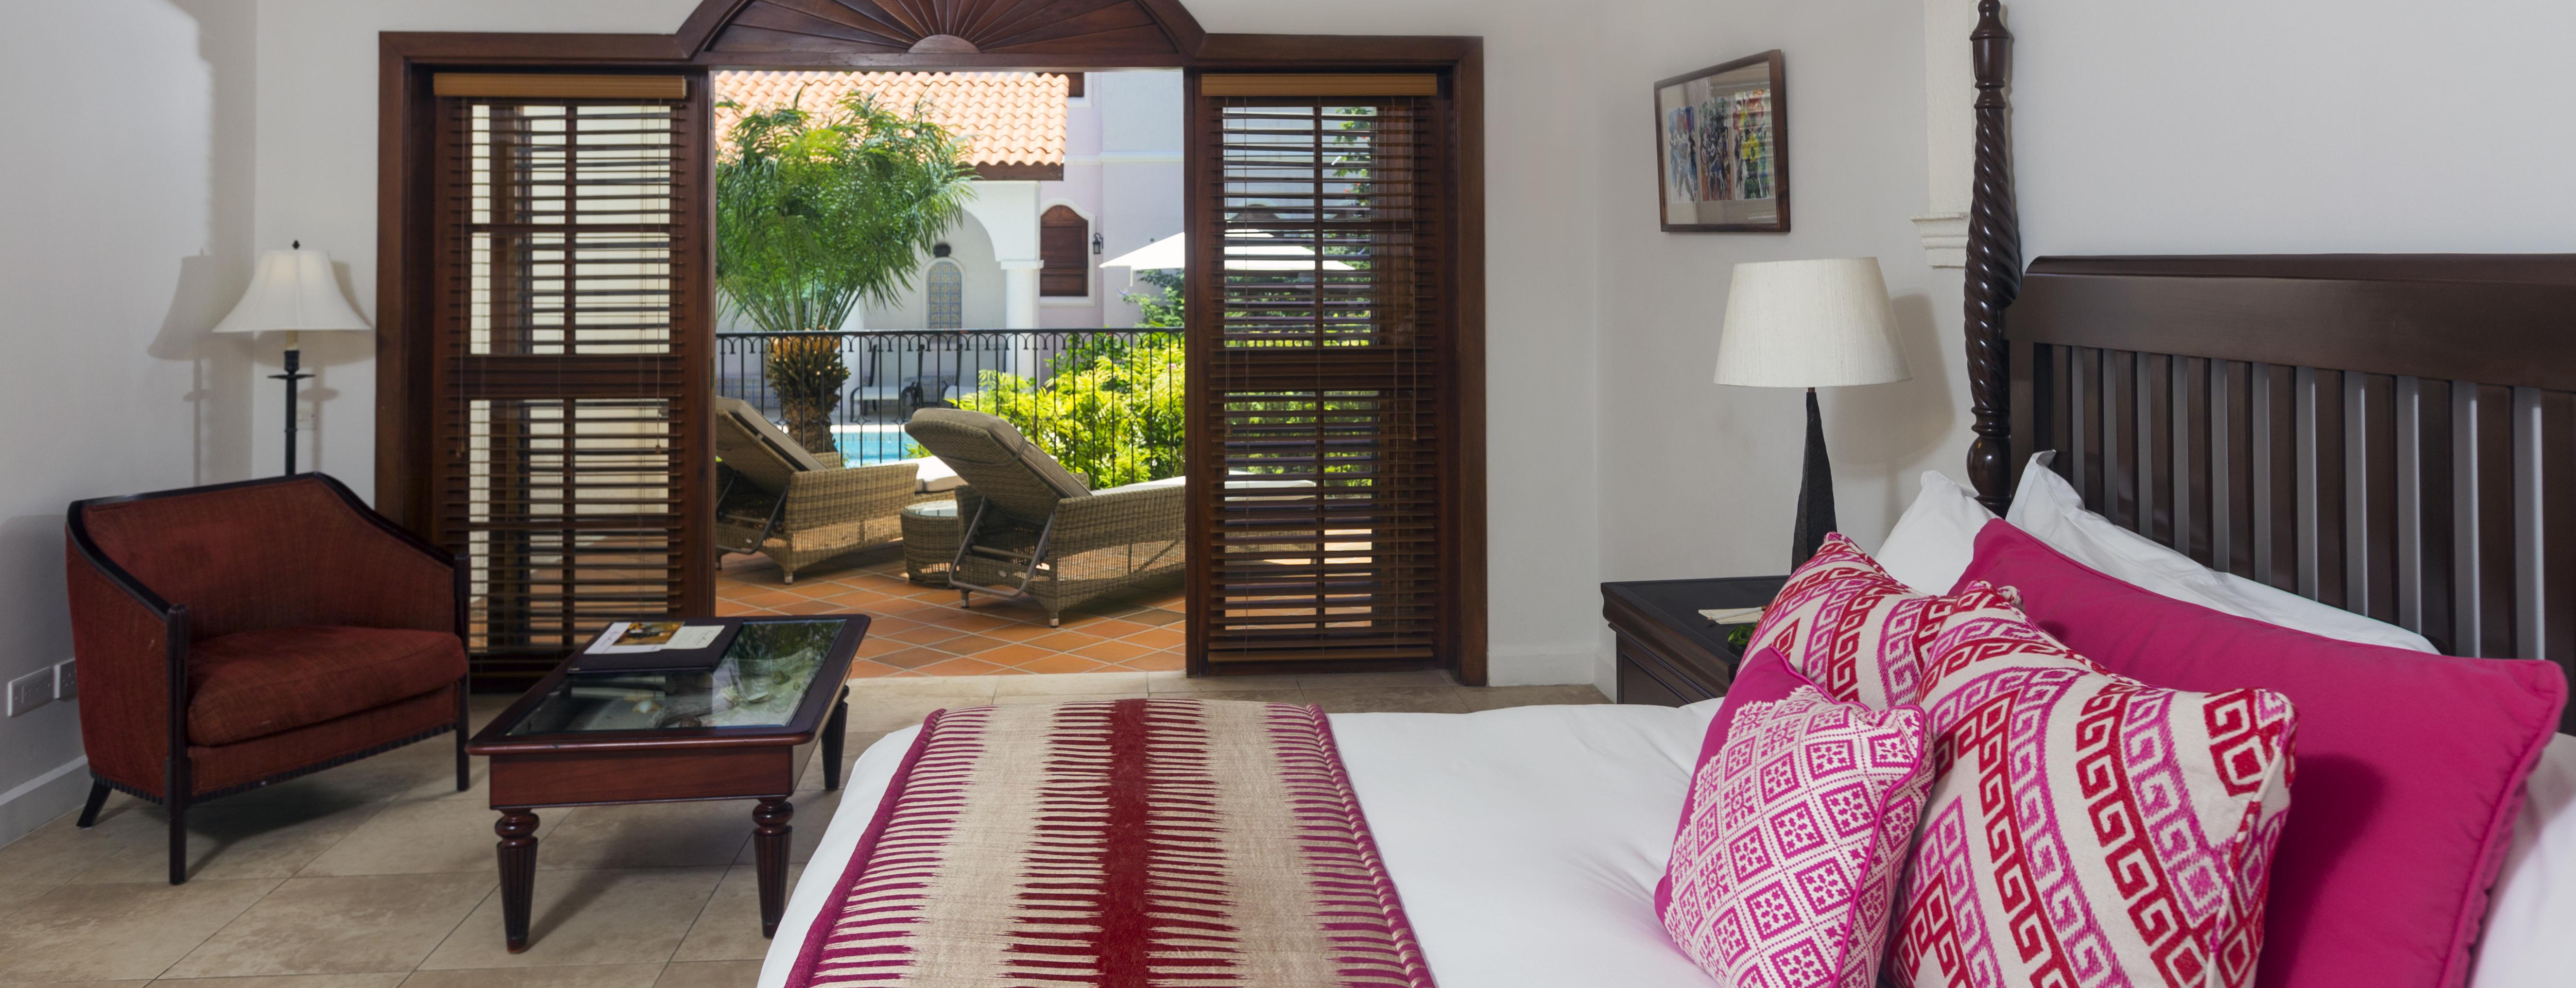 Courtyard-Villa-Suite-cap-maison